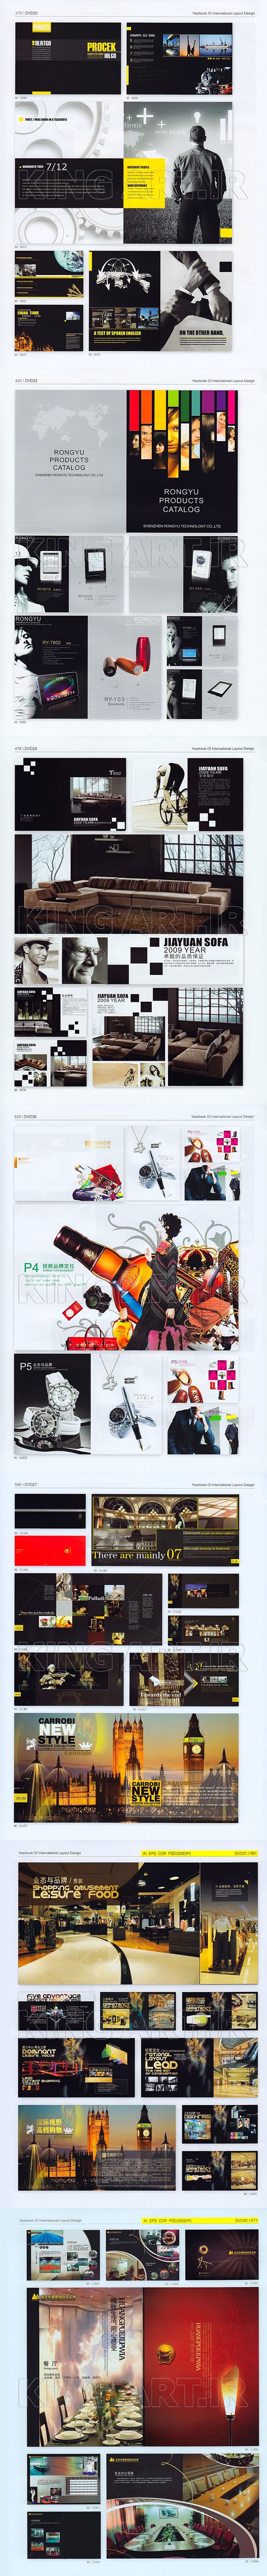 تمپلیت های طراحی کاتالوگ - ول 2